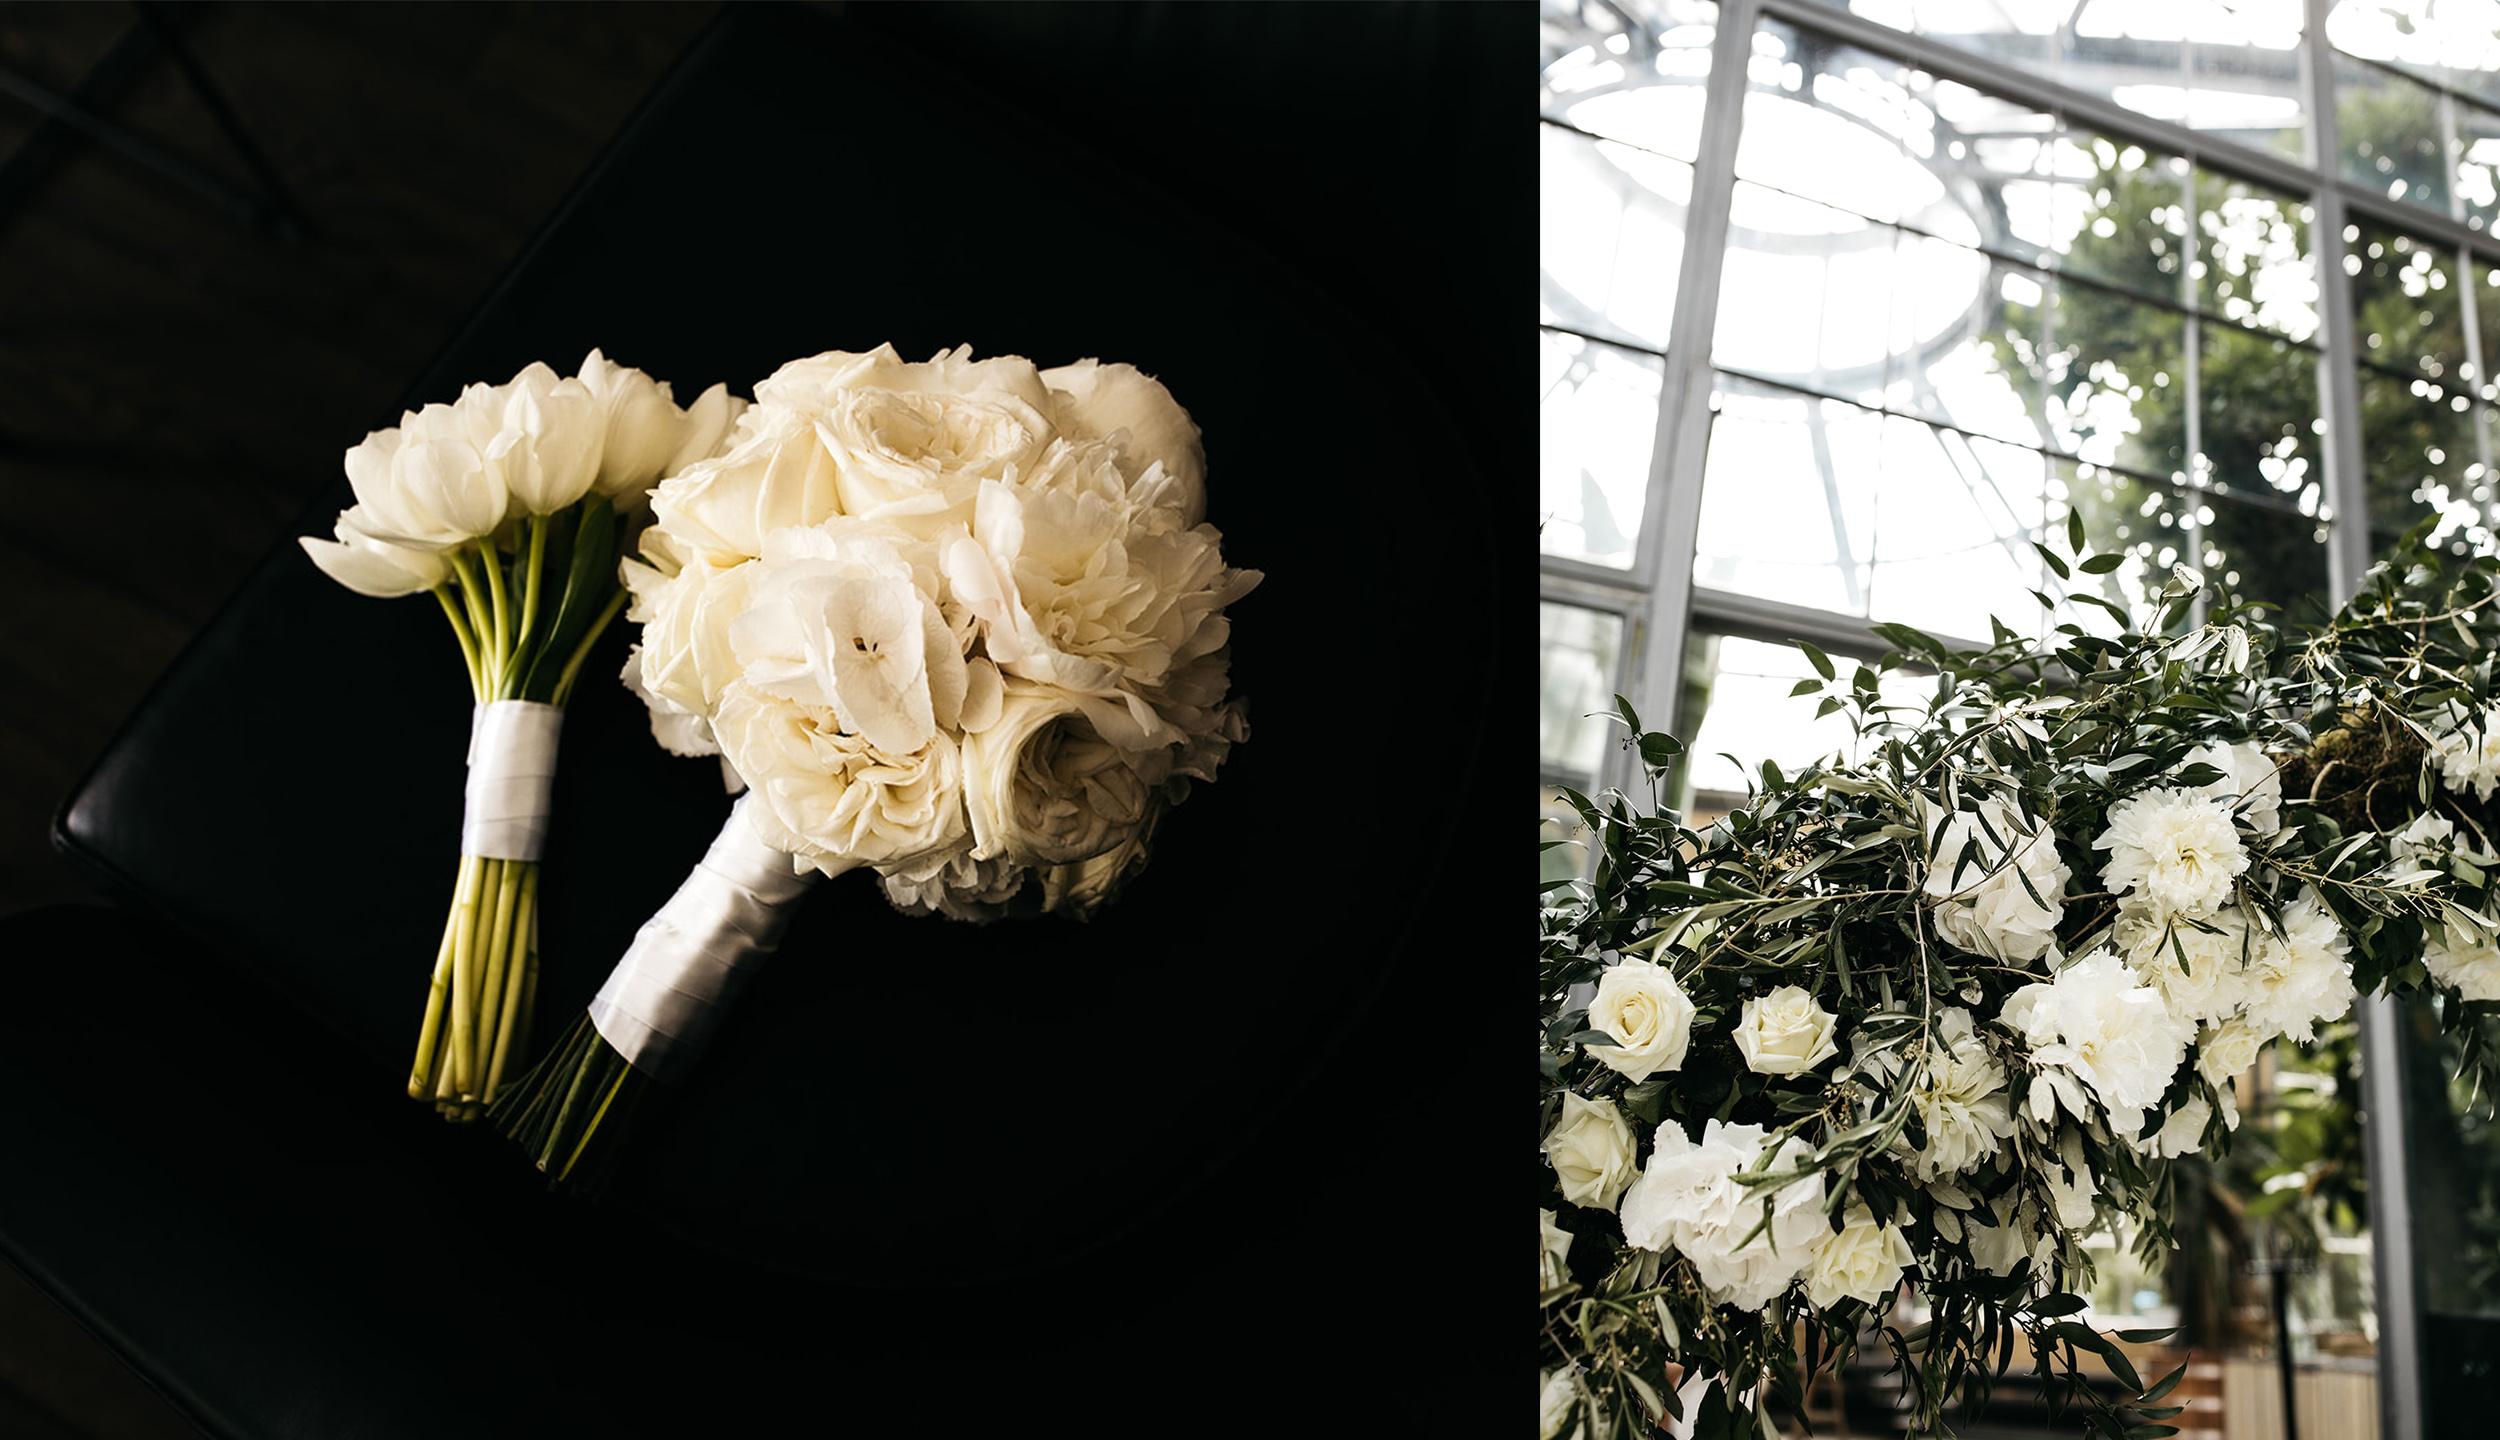 #apbloem #florist #kerkstraat #bruidsboeket #amsterdam #flowers #bloemen #bloemist #flowers #bouquet #boeket #arrangement #photoshoot #peony #bruiloft #trouwen #bloemenbezorgen #wedding #love #liefde #event #evenement #garden #tuin #bridalgown #bruidsjurk #justmarried #bridalcouple #weddingflowers #weddingphotography #weddinginspiration #white #field #veldbloemen #hortus #garden #greenhouse